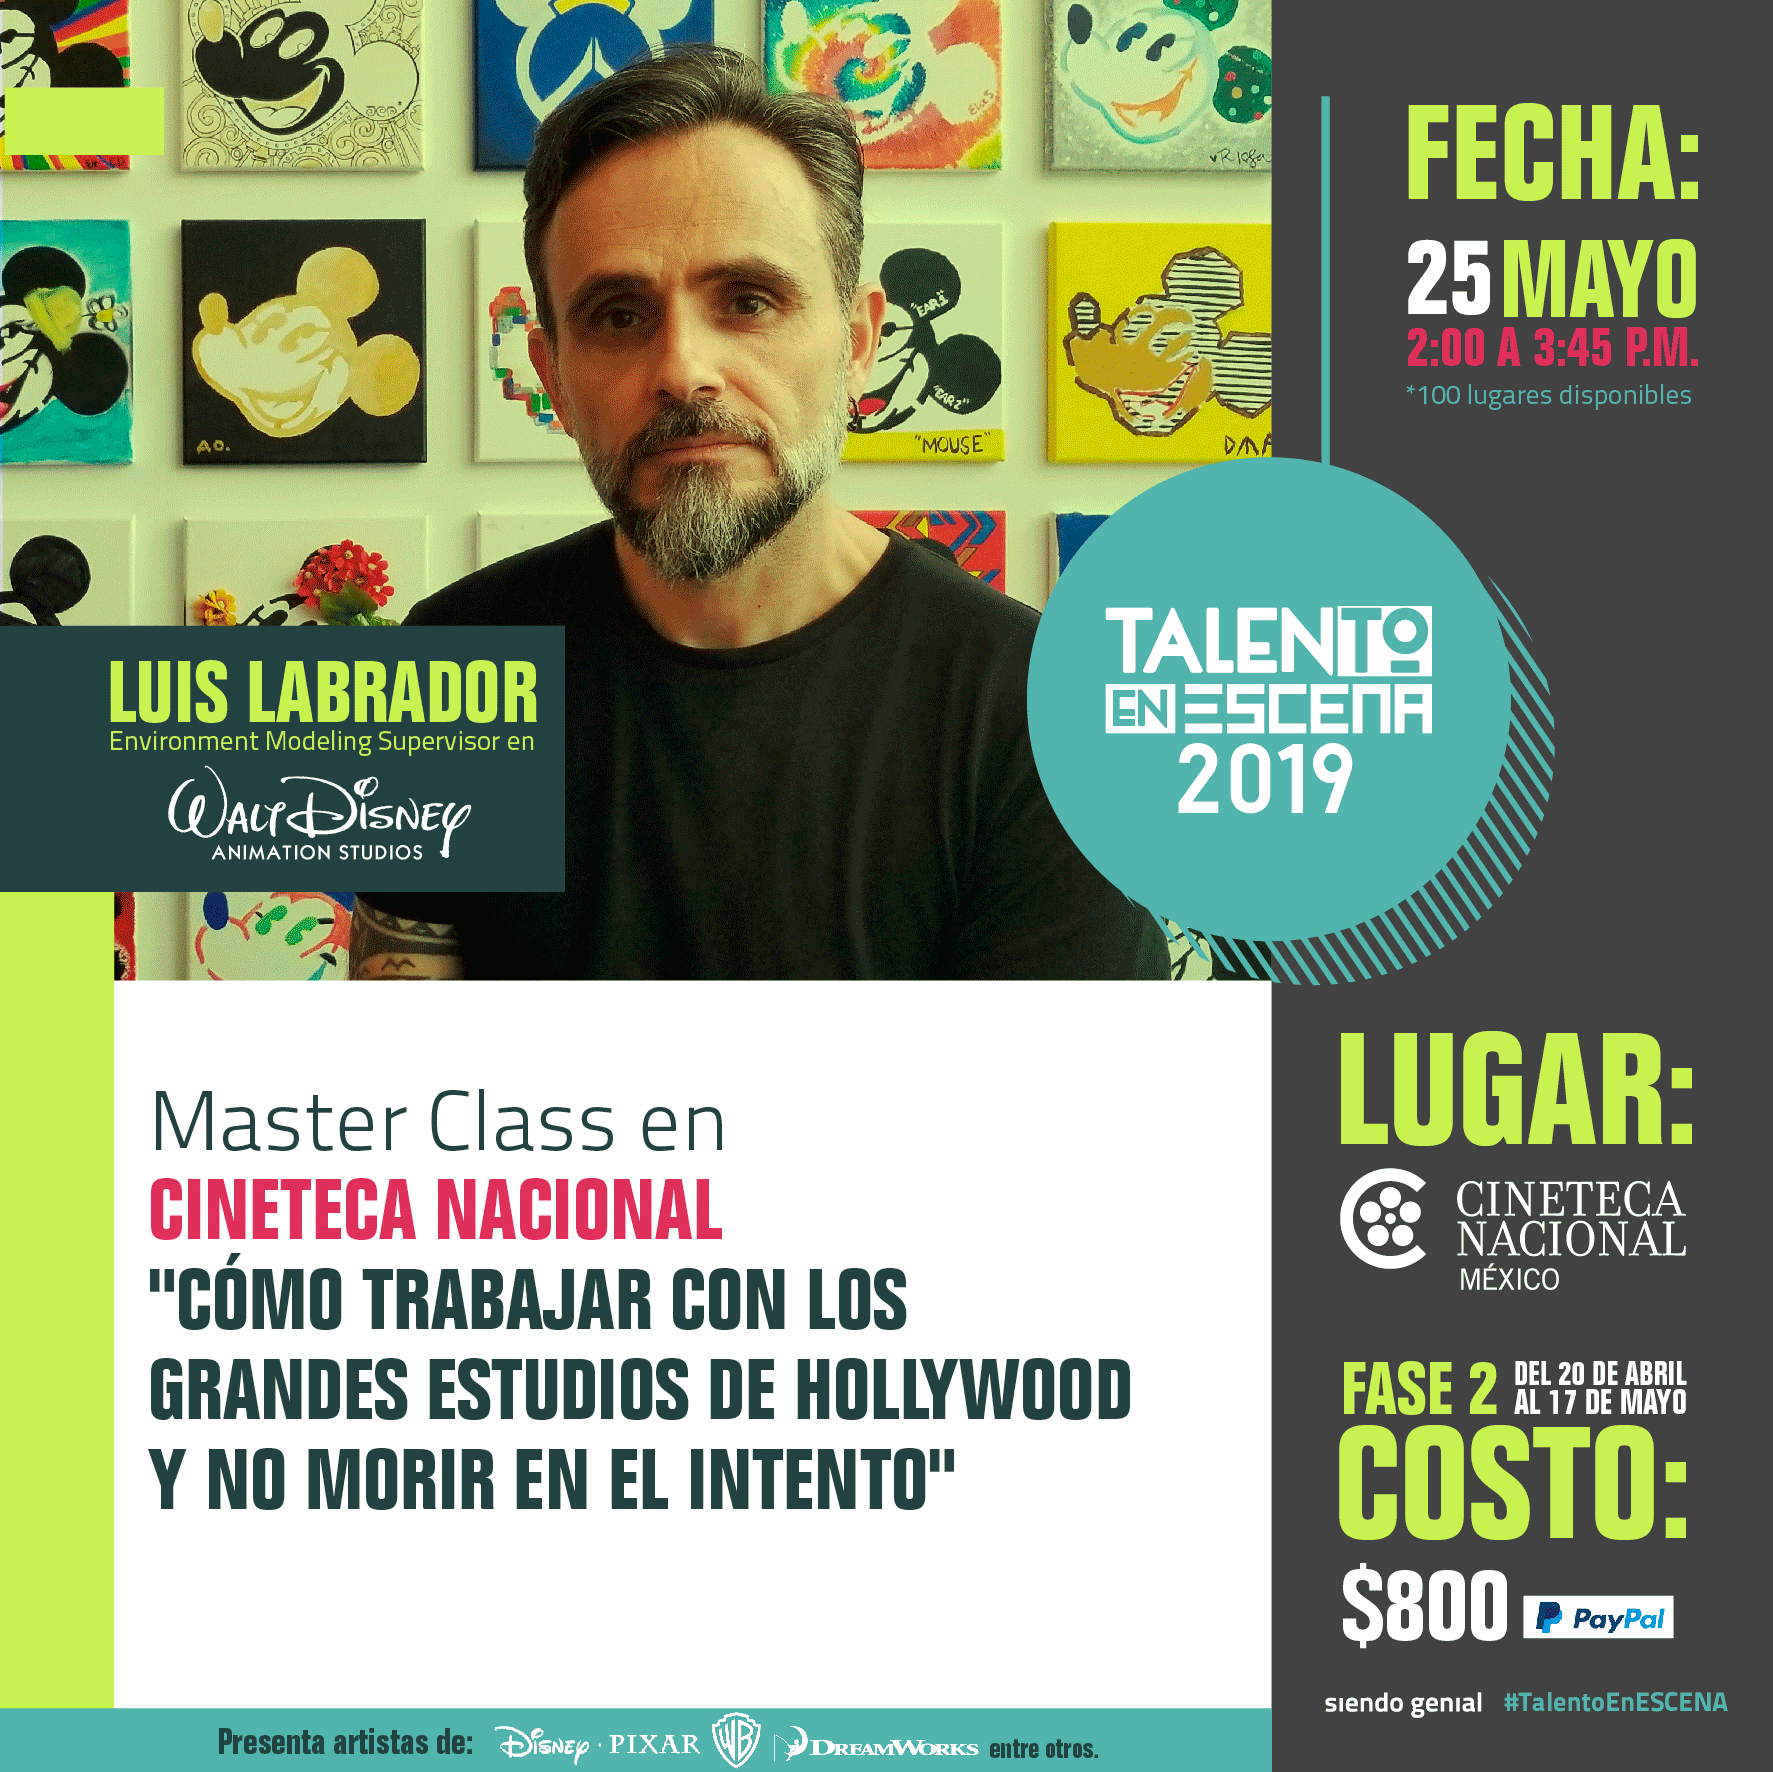 Talento en ESCENA 2019: Luis Labrador